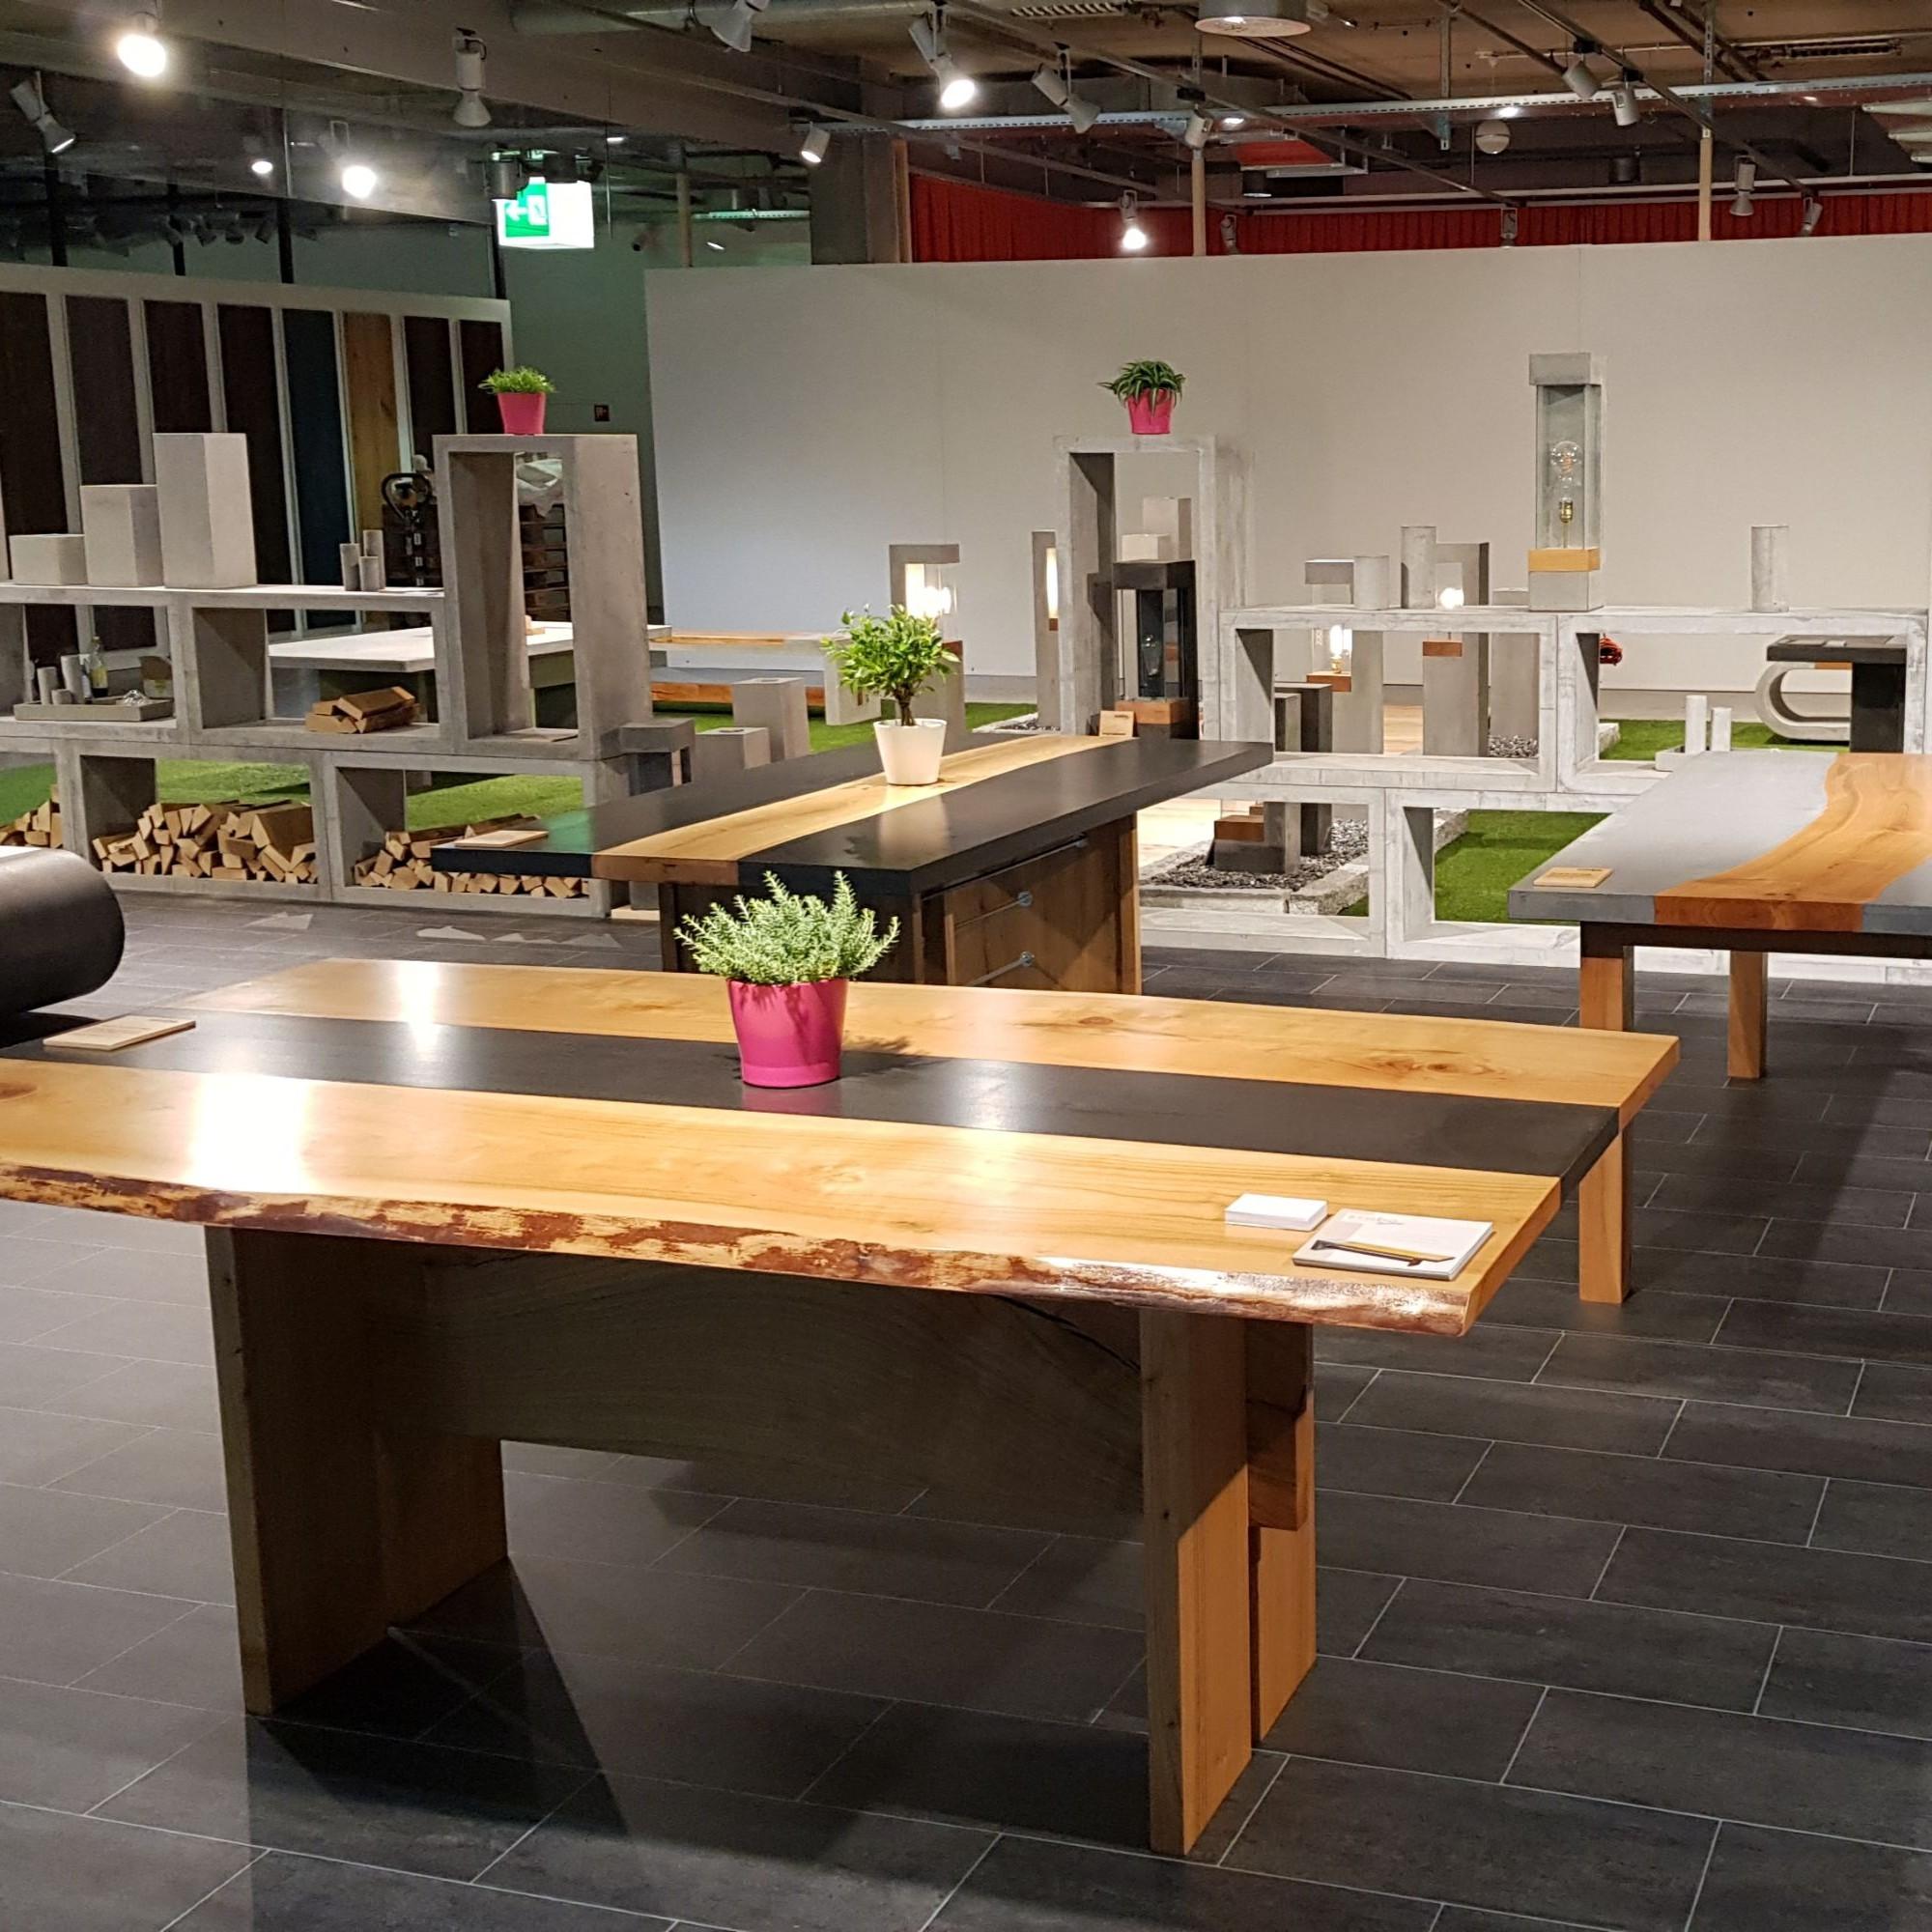 Tische in Kombination Beton und Holz